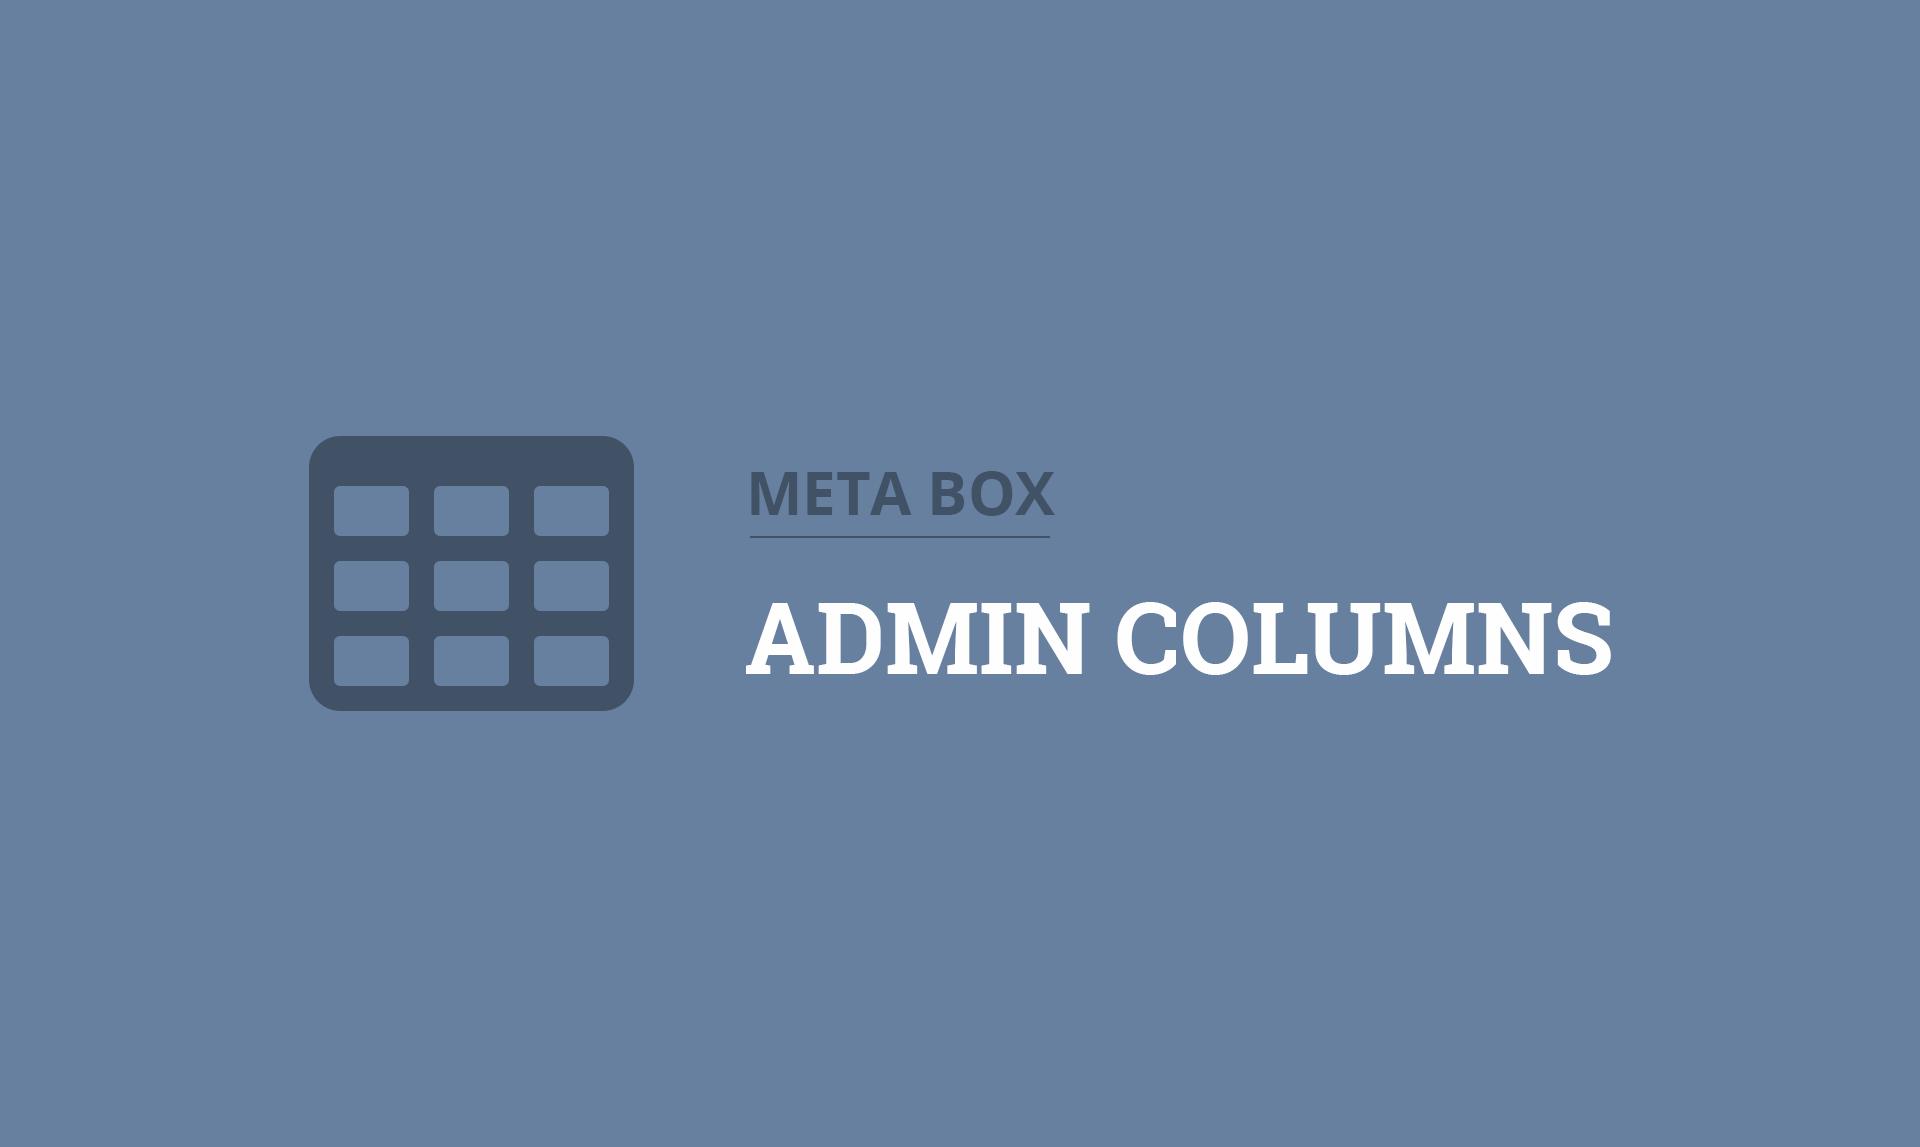 MB Admin Columns